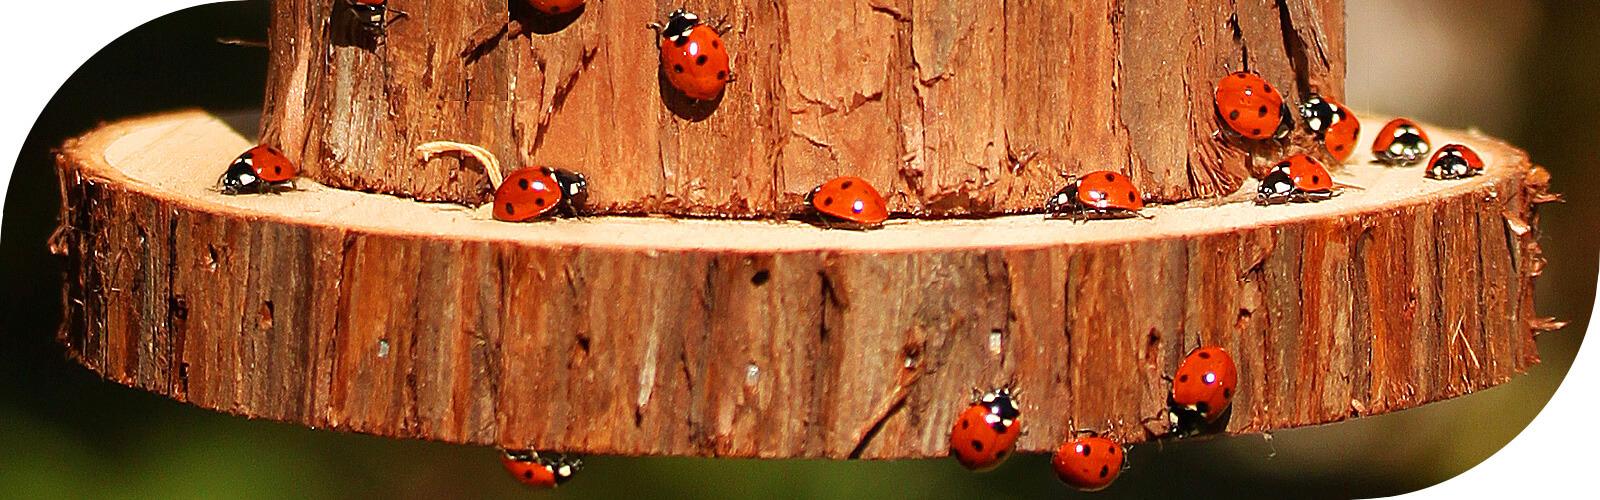 Ook voor insecten zit je bij ons goed...